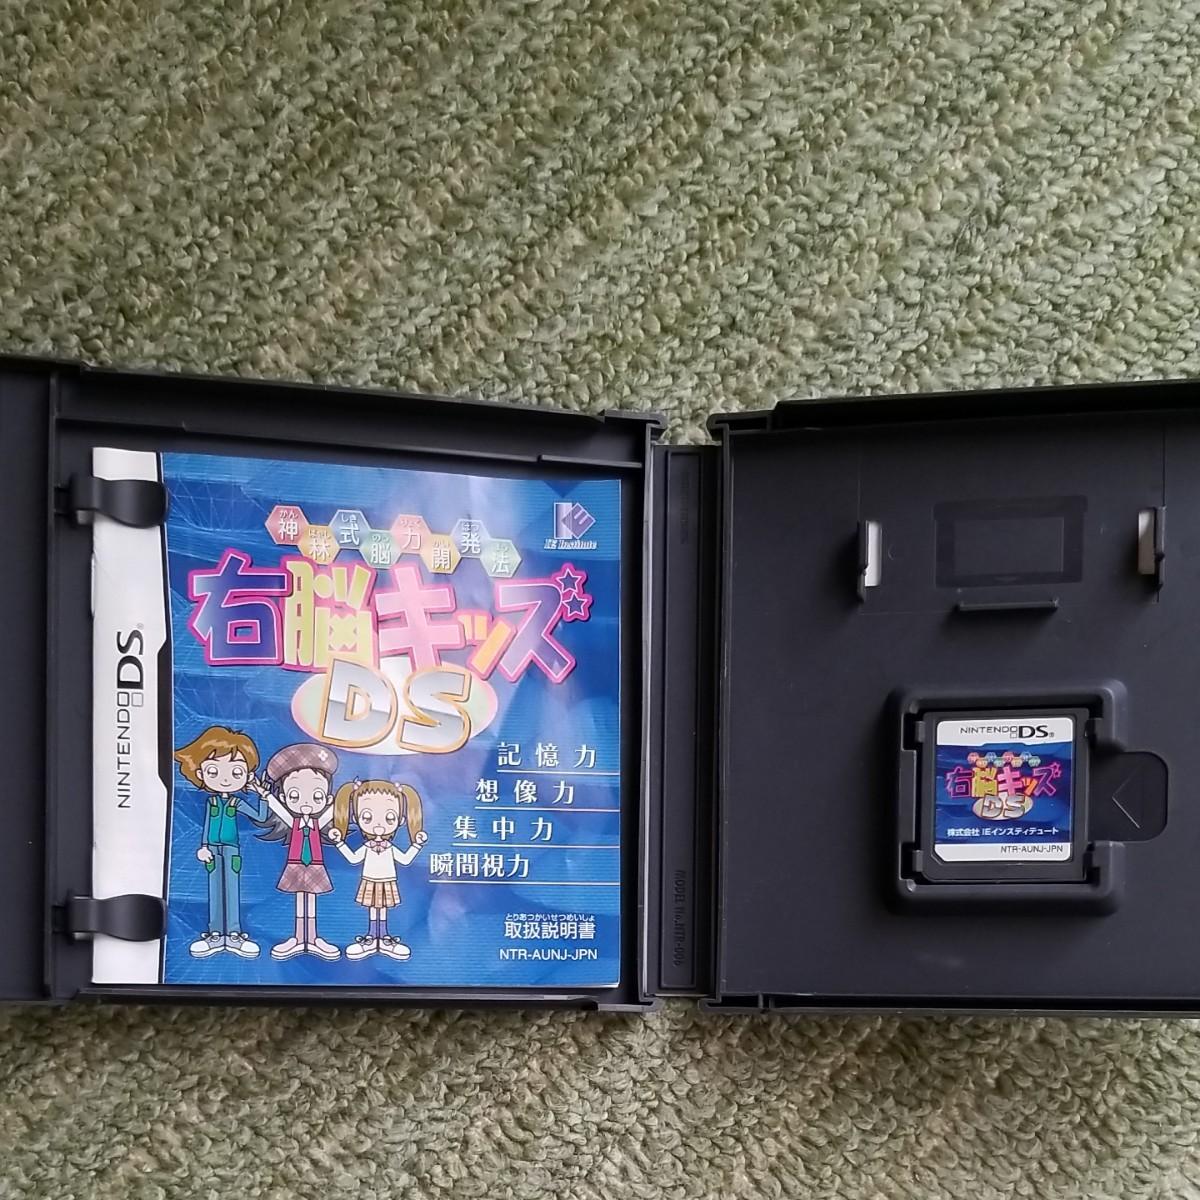 【DS】 神林式脳力開発法 右脳キッズDS DSソフト 任天堂 任天堂3DS